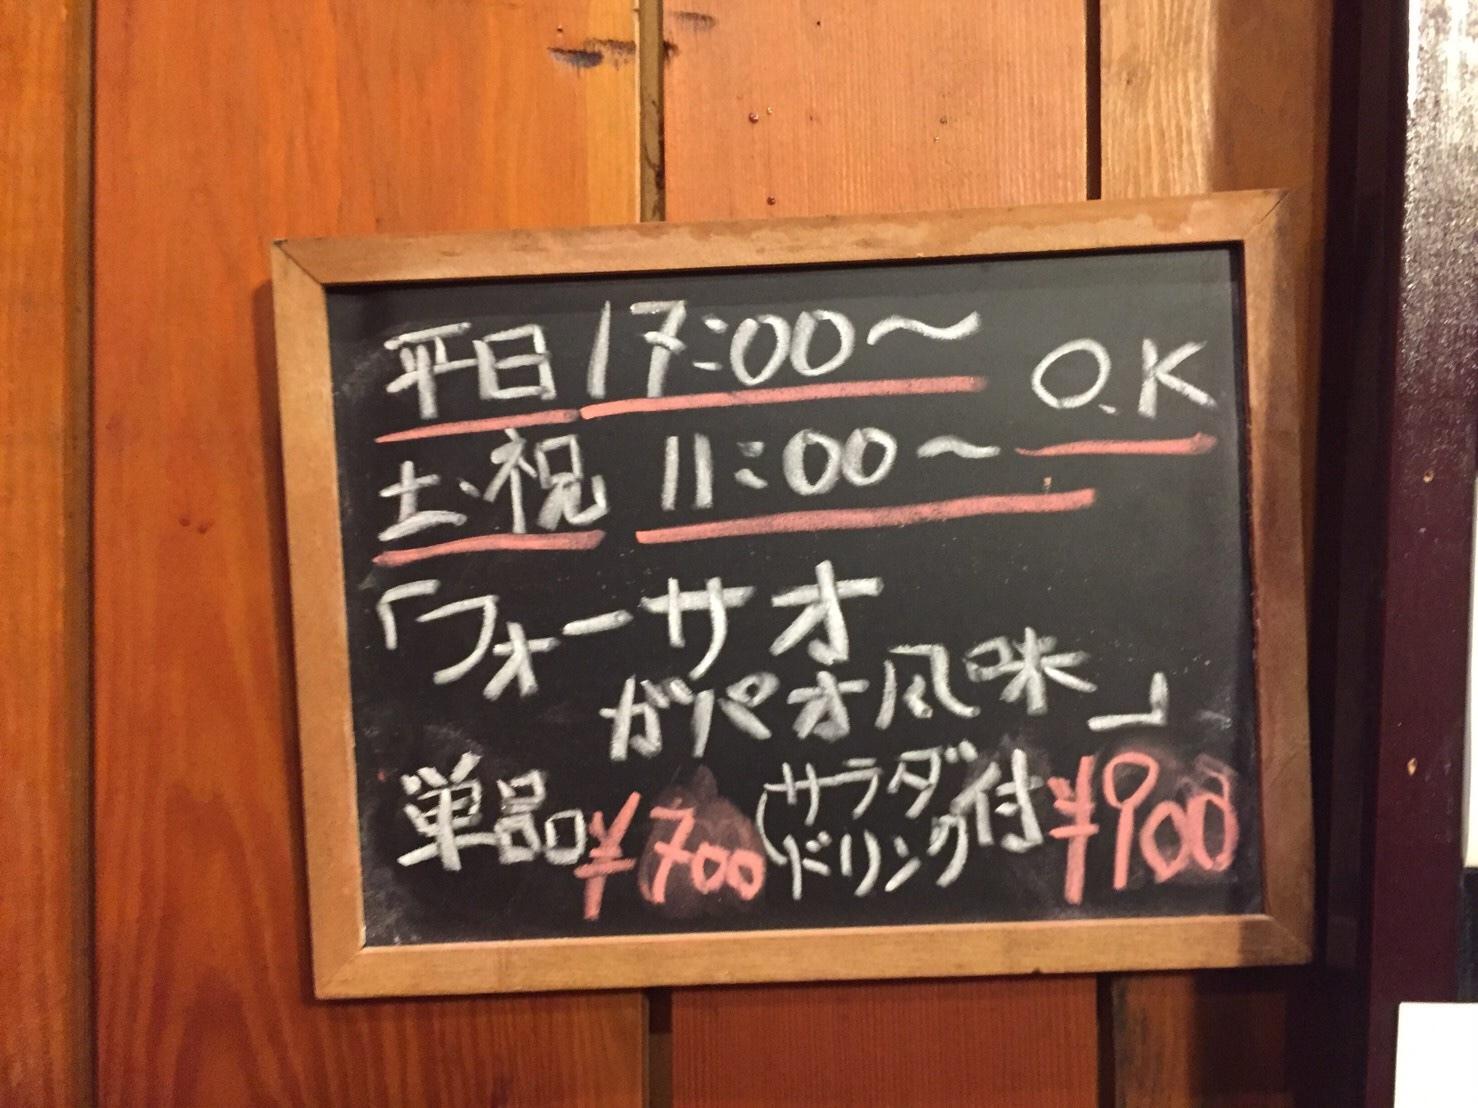 喫茶 1er ぷるみえ (たっぷりキャベツのお好み焼き仕立て)_e0115904_13034573.jpeg